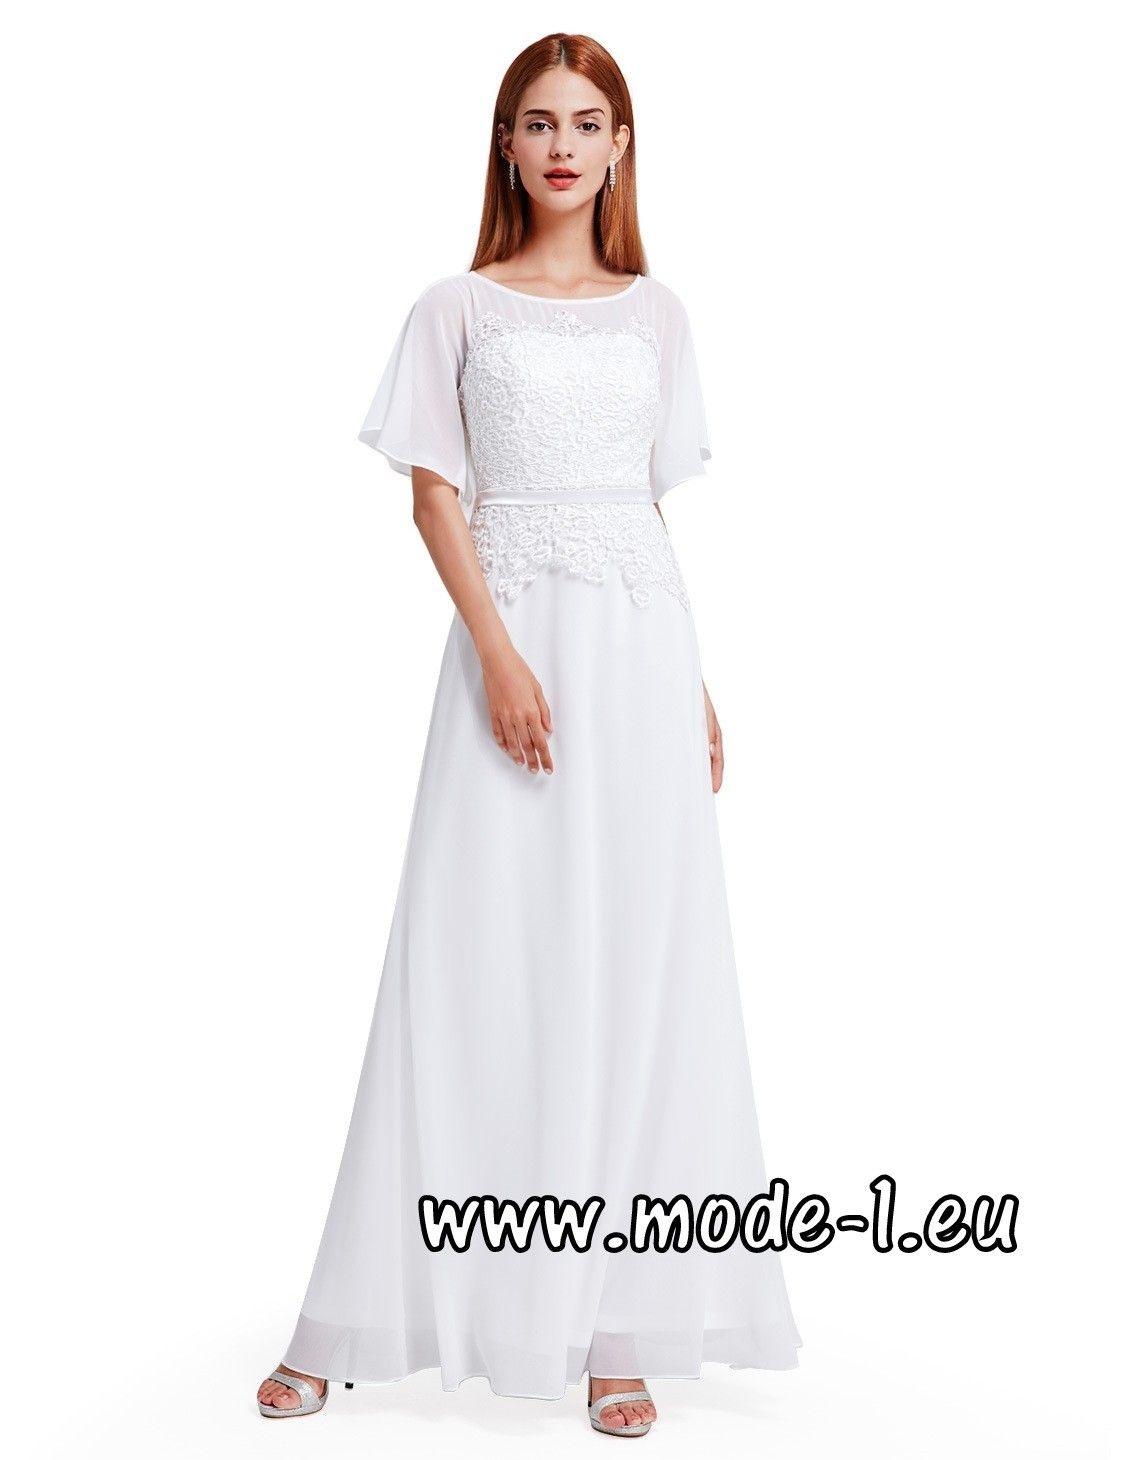 Abend Einfach Weißes Abendkleid Günstig ÄrmelAbend Genial Weißes Abendkleid Günstig Stylish